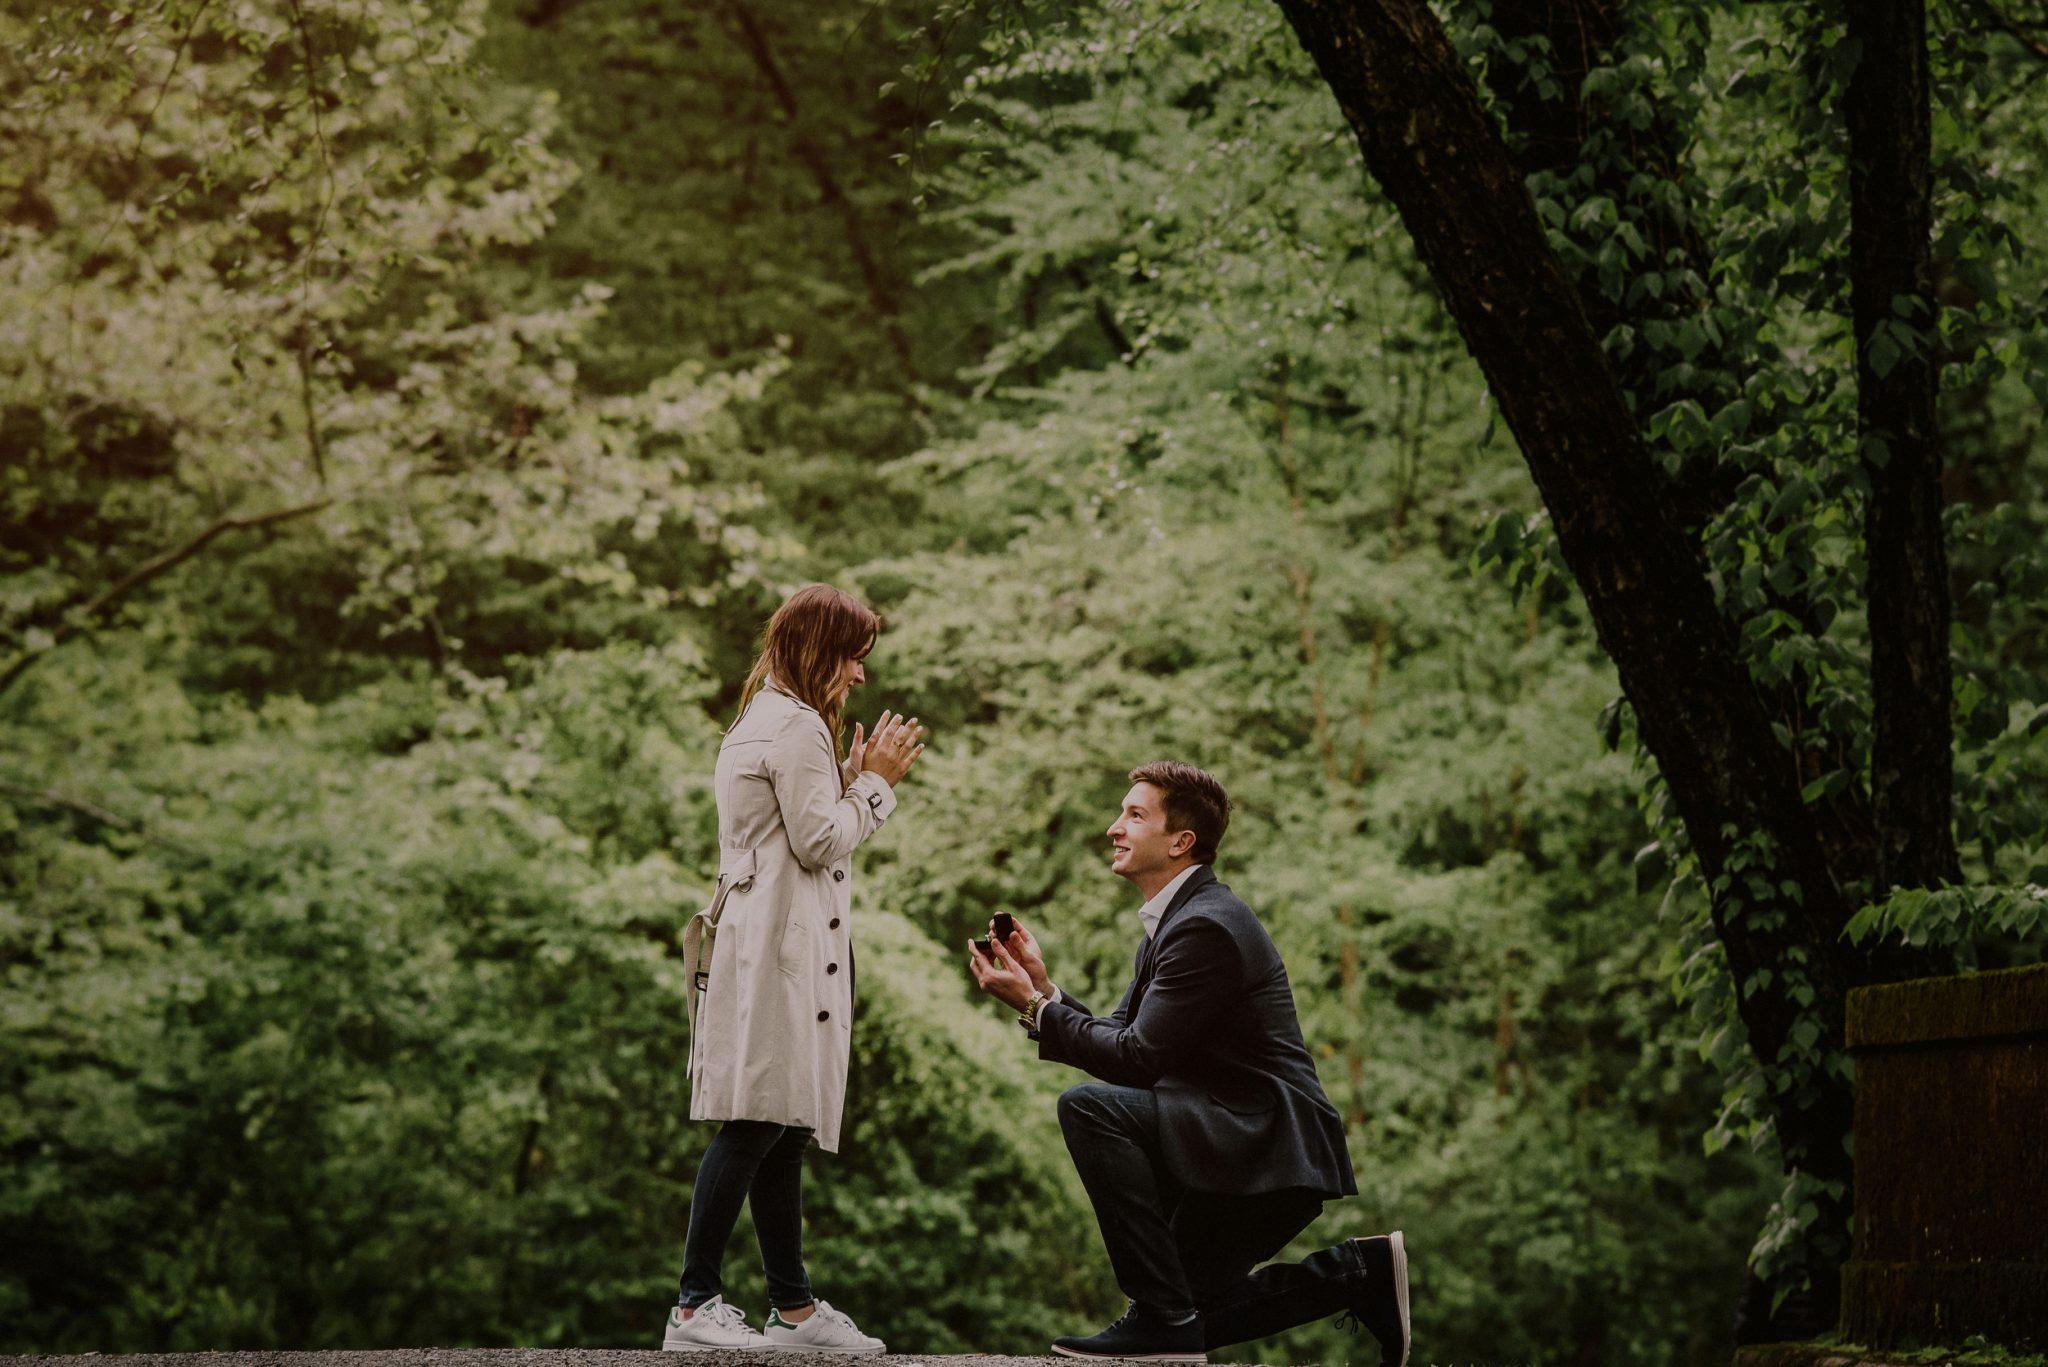 surprise proposal photos at NJ park